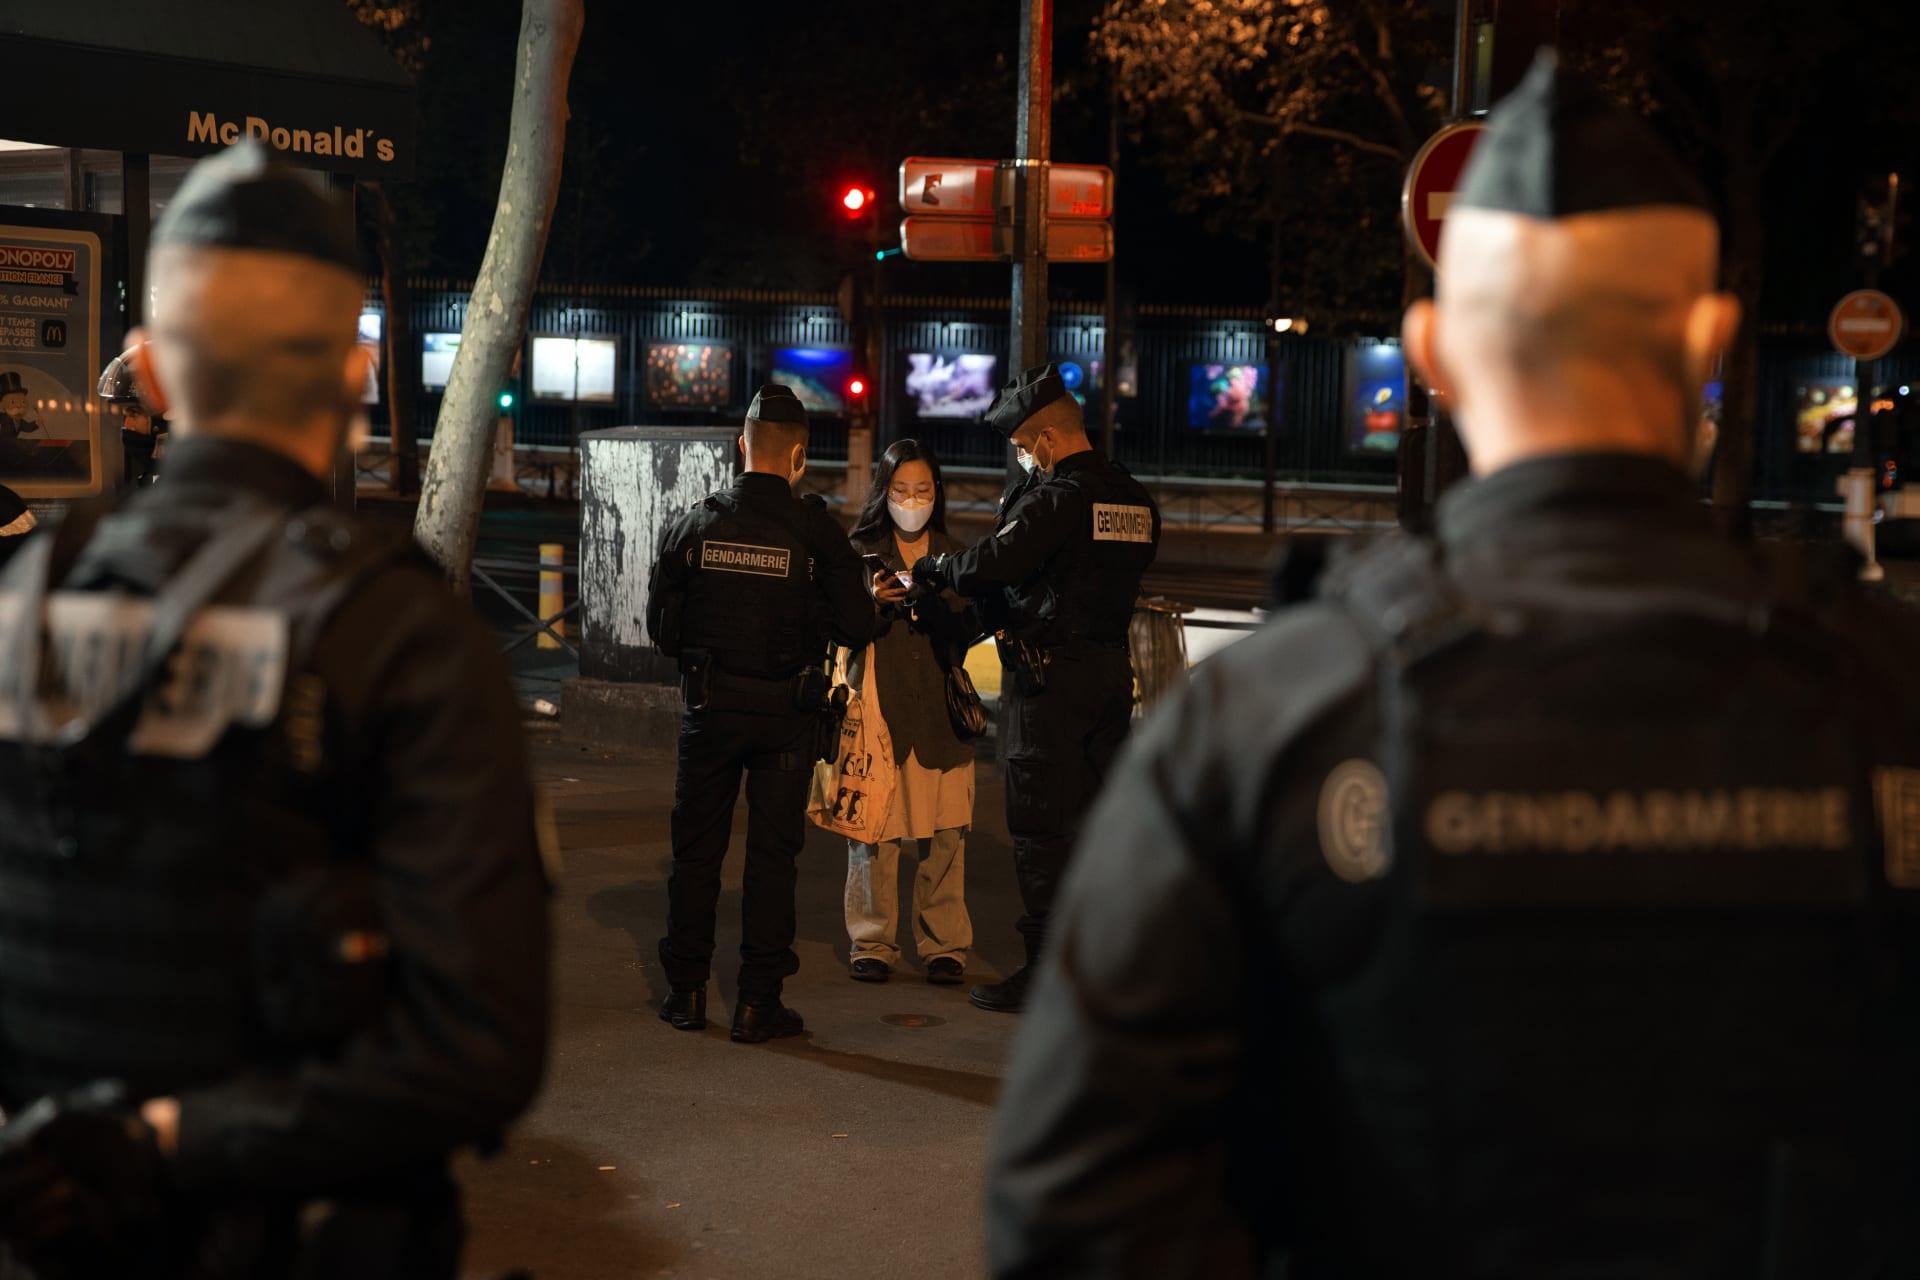 """مصر تعلق على """"جريمة فرنسا"""" وتتحدث عن الإرهاب والتطرف"""